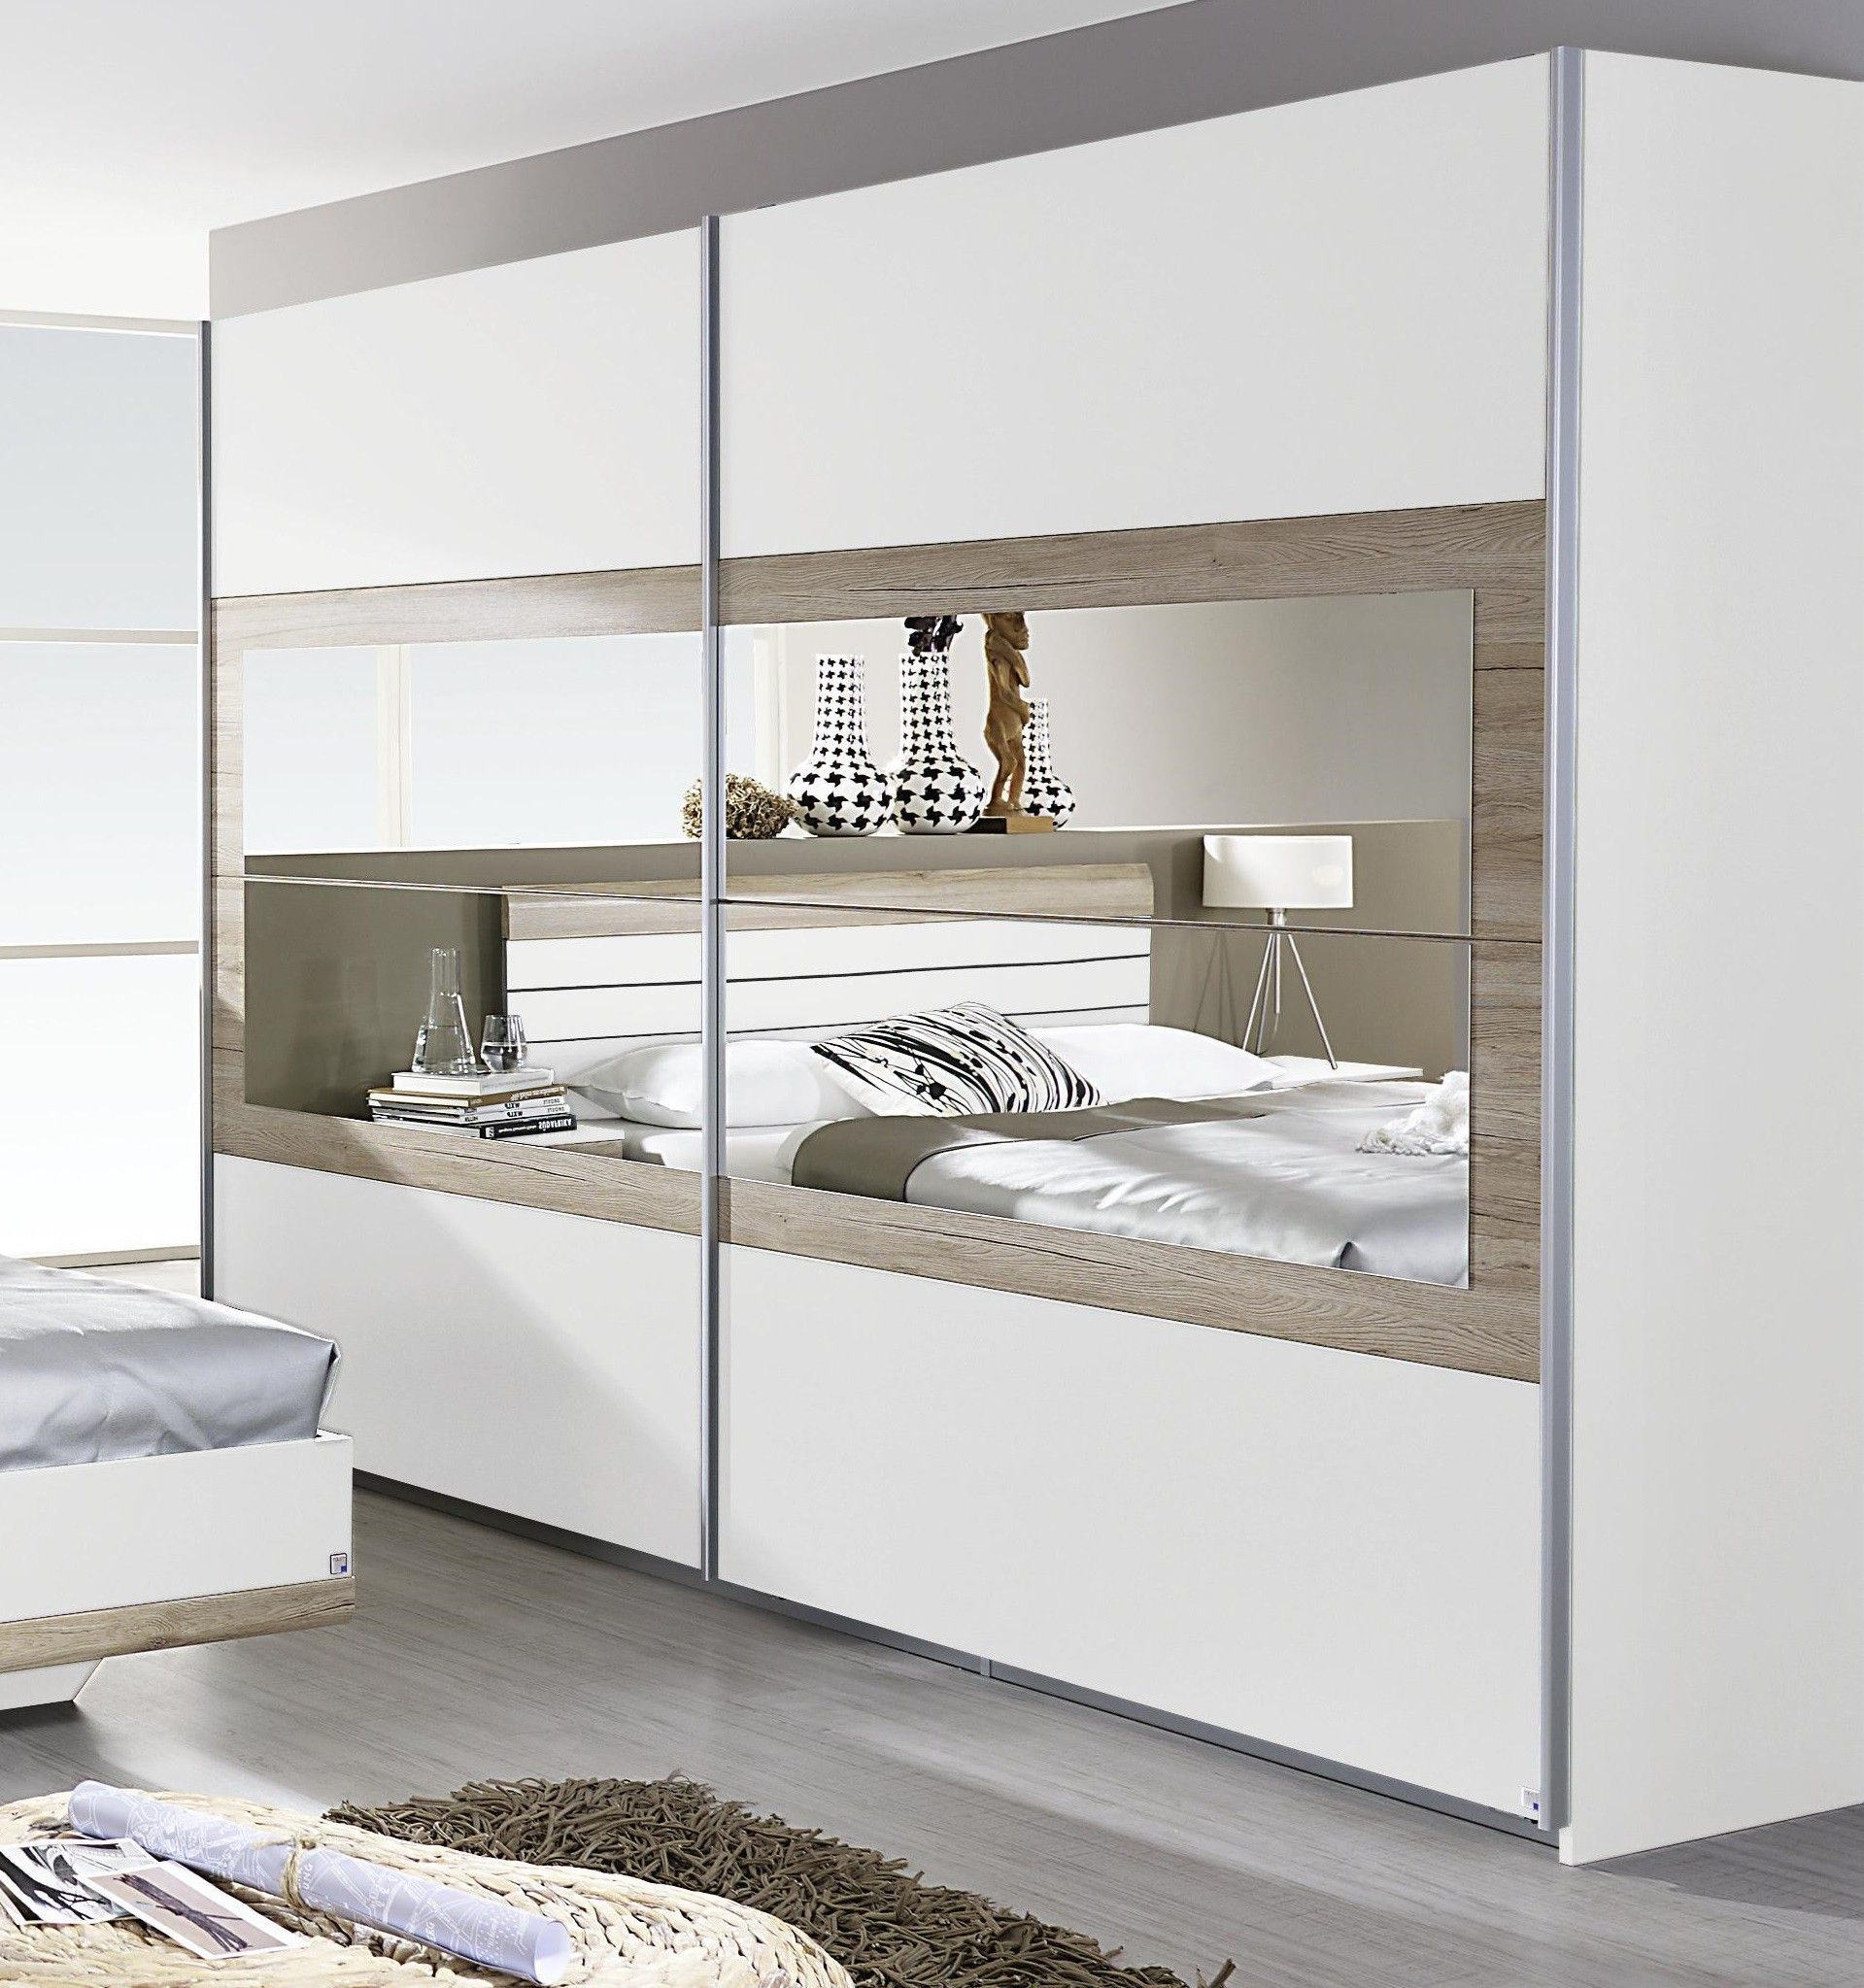 Armoire contemporaine 2 portes coulissantes 271 cm blanche/chêne ...